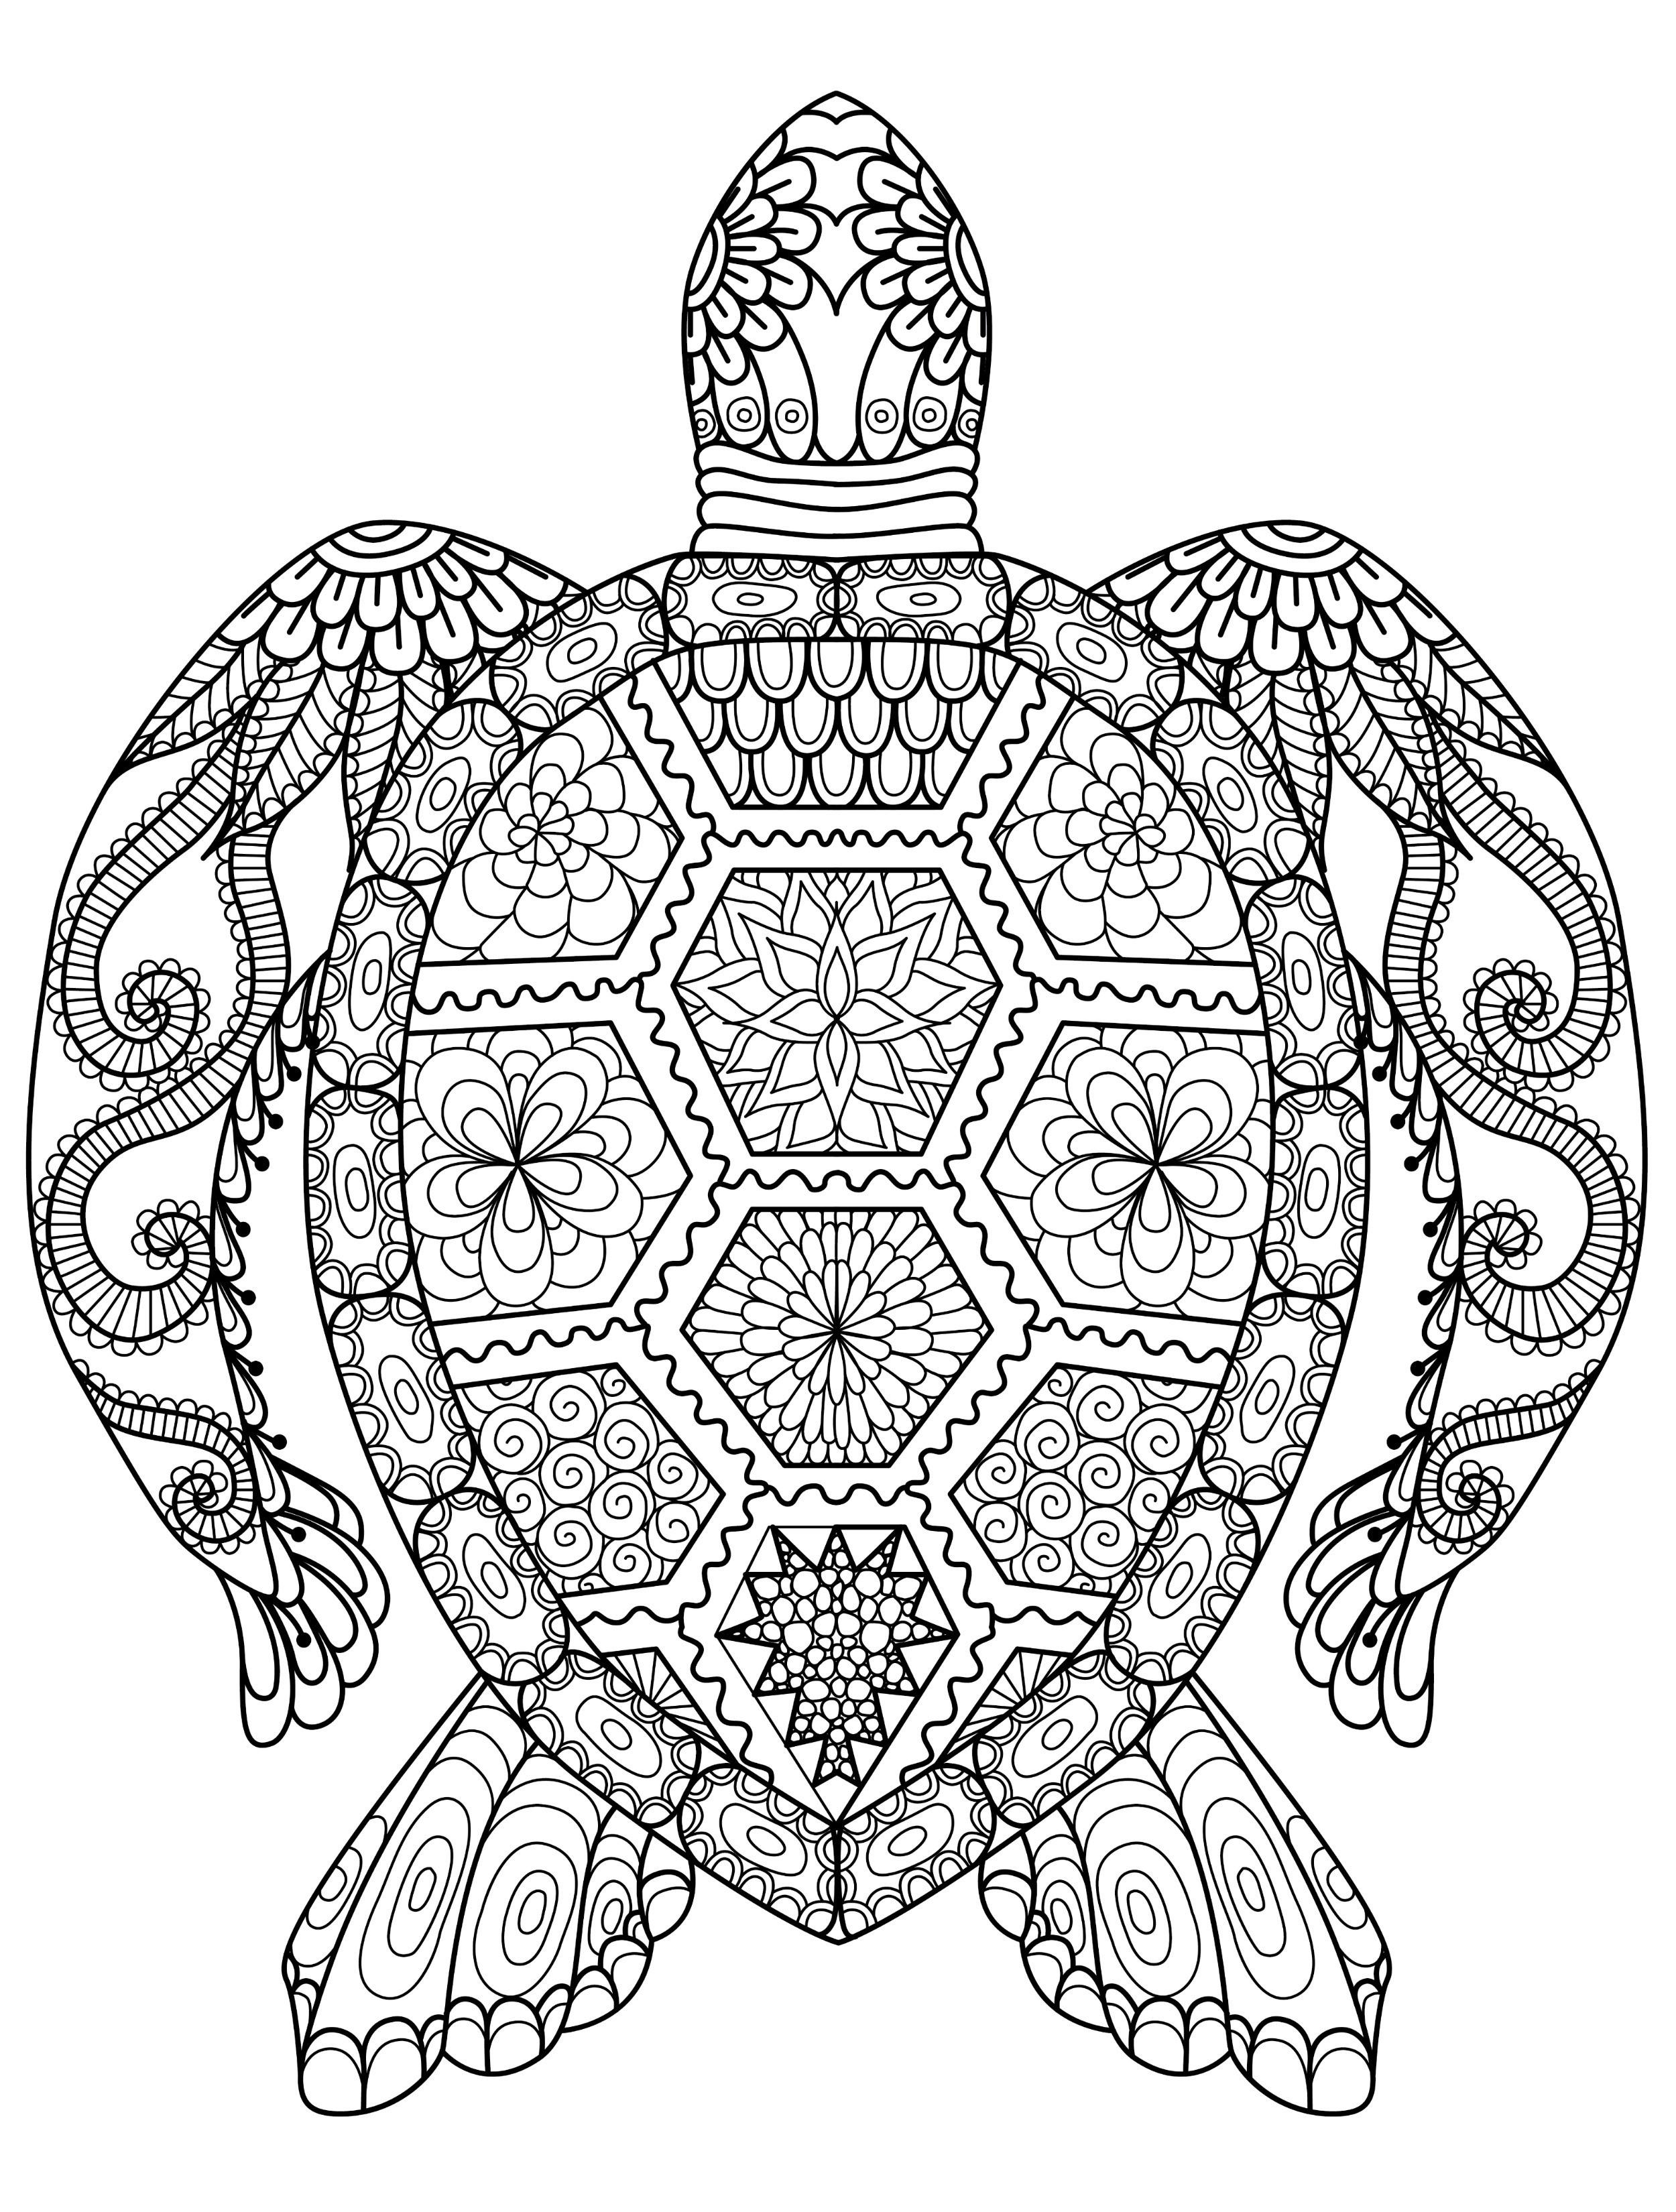 Peppa Wutz Malvorlage Einzigartig Ausmalbilder Für Erwachsene Seeschildkröte Ausmalbilder Von Bild